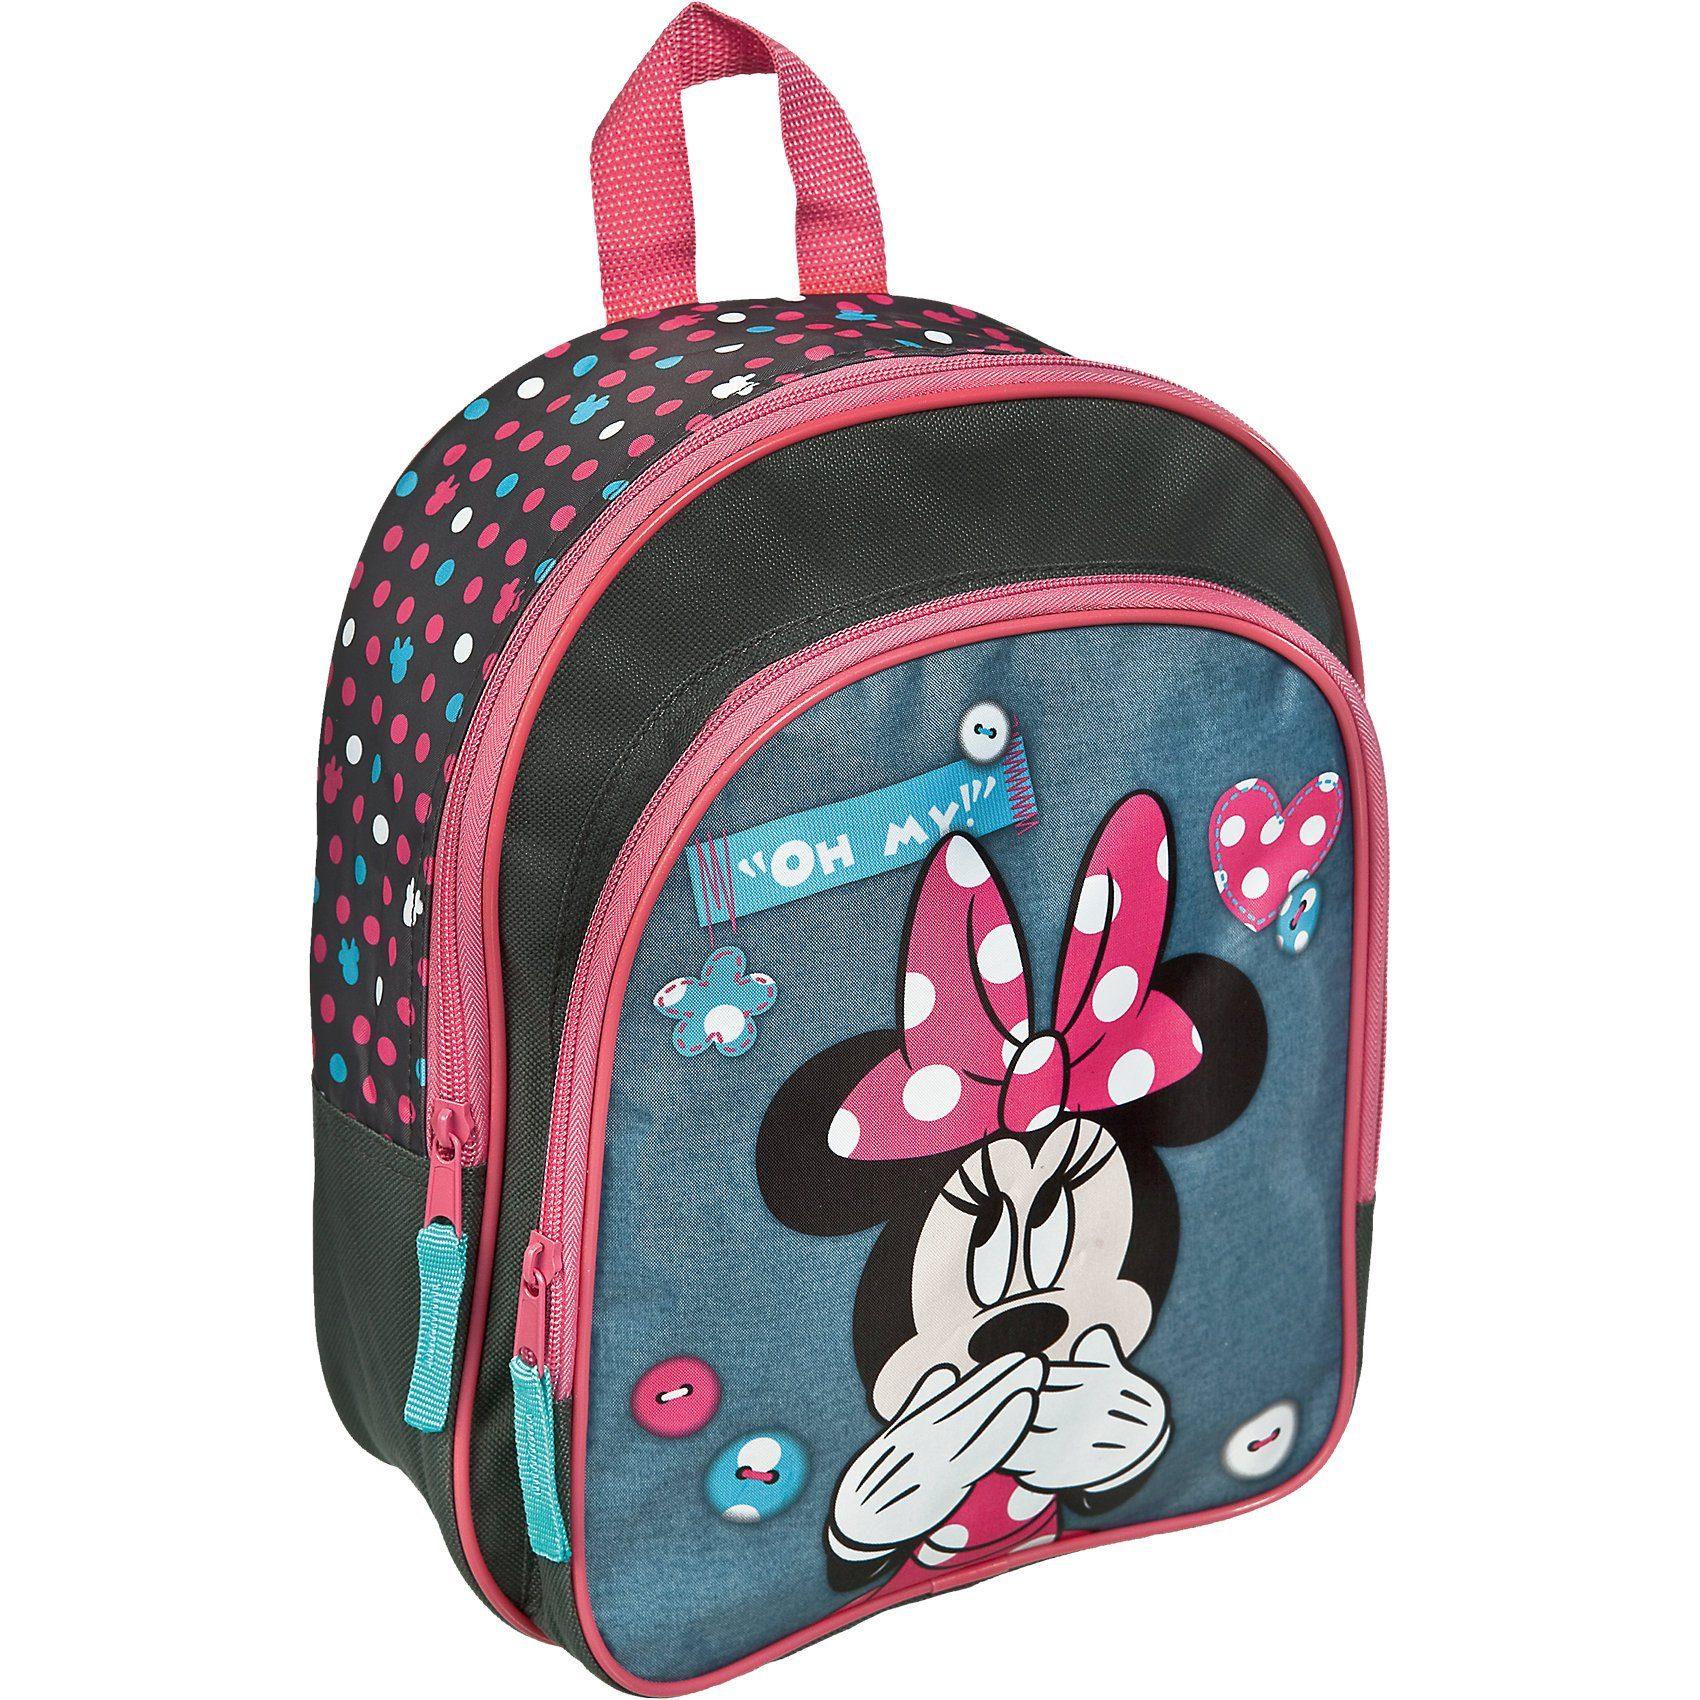 UNDERCOVER Rucksack mit Vortasche Minnie Mouse